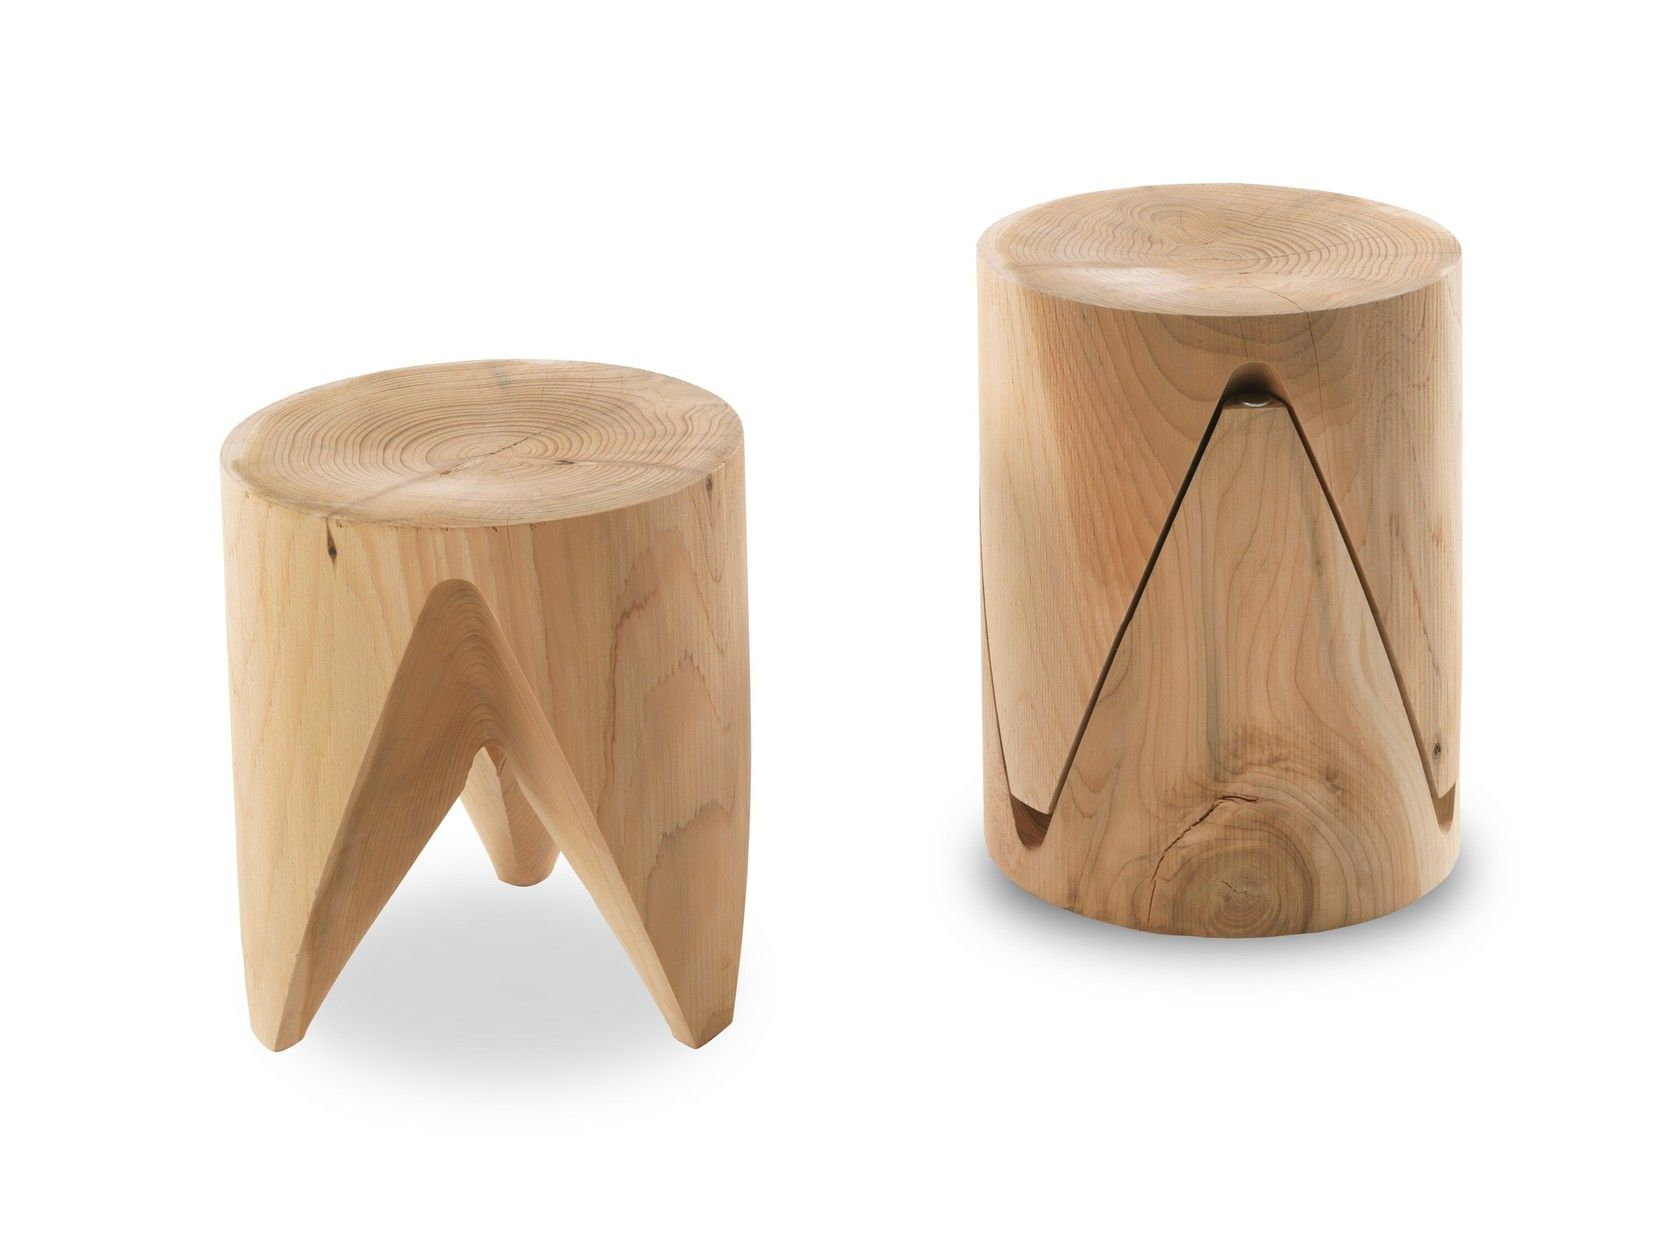 In Legno Wood Design sgabello basso impilabile in legno massello j+i zig + zag by